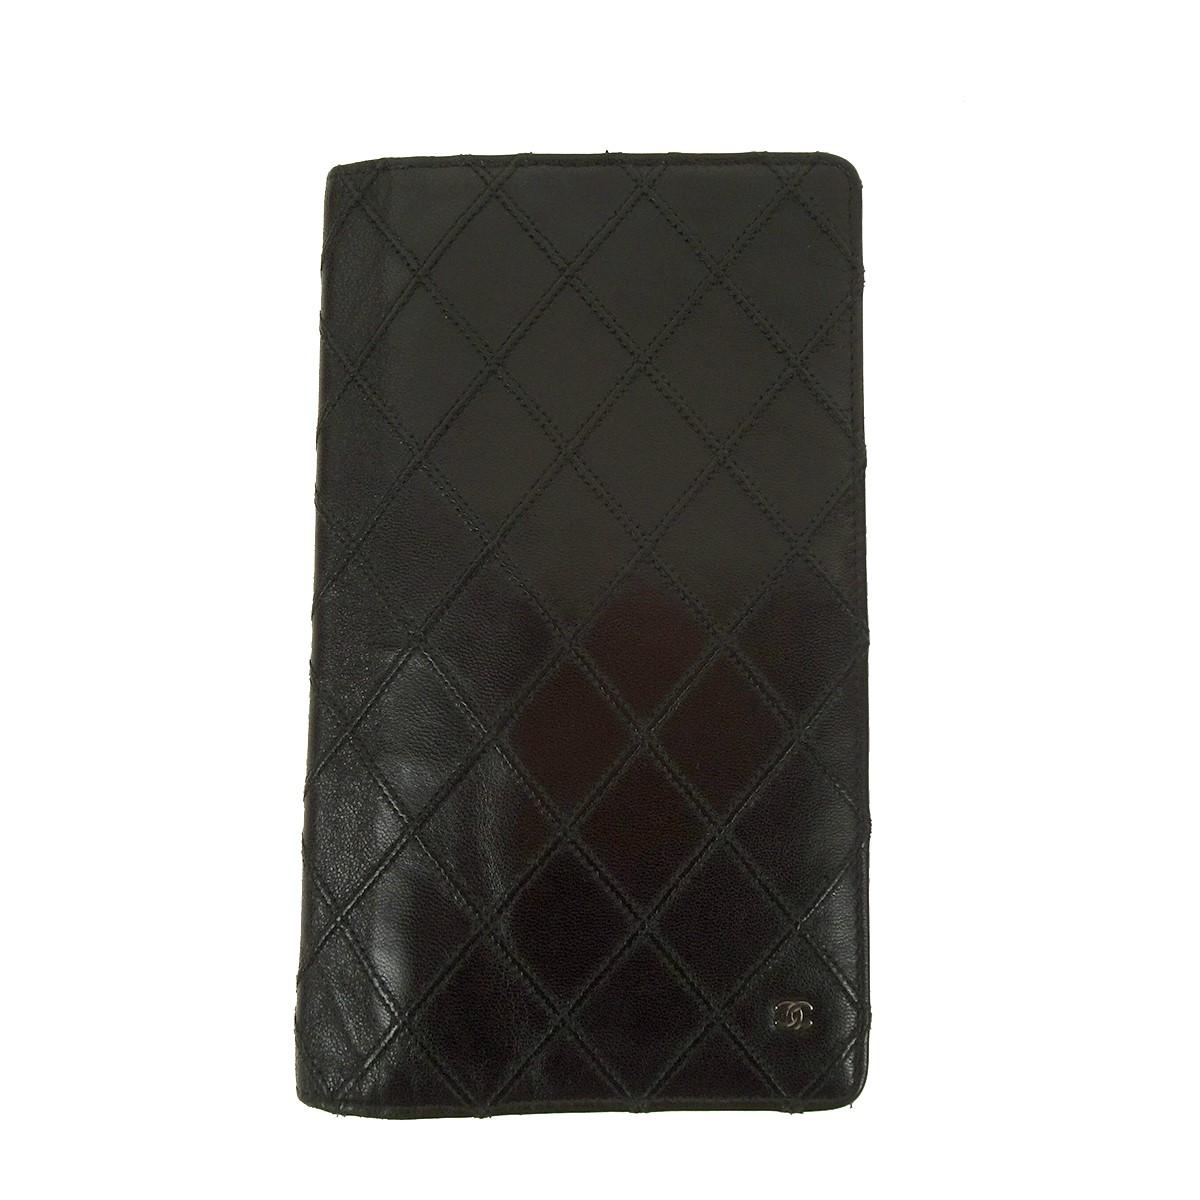 【中古】CHANEL ビコローレ Wステッチ 二つ折り長財布 ブラック サイズ:- 【020220】(シャネル)